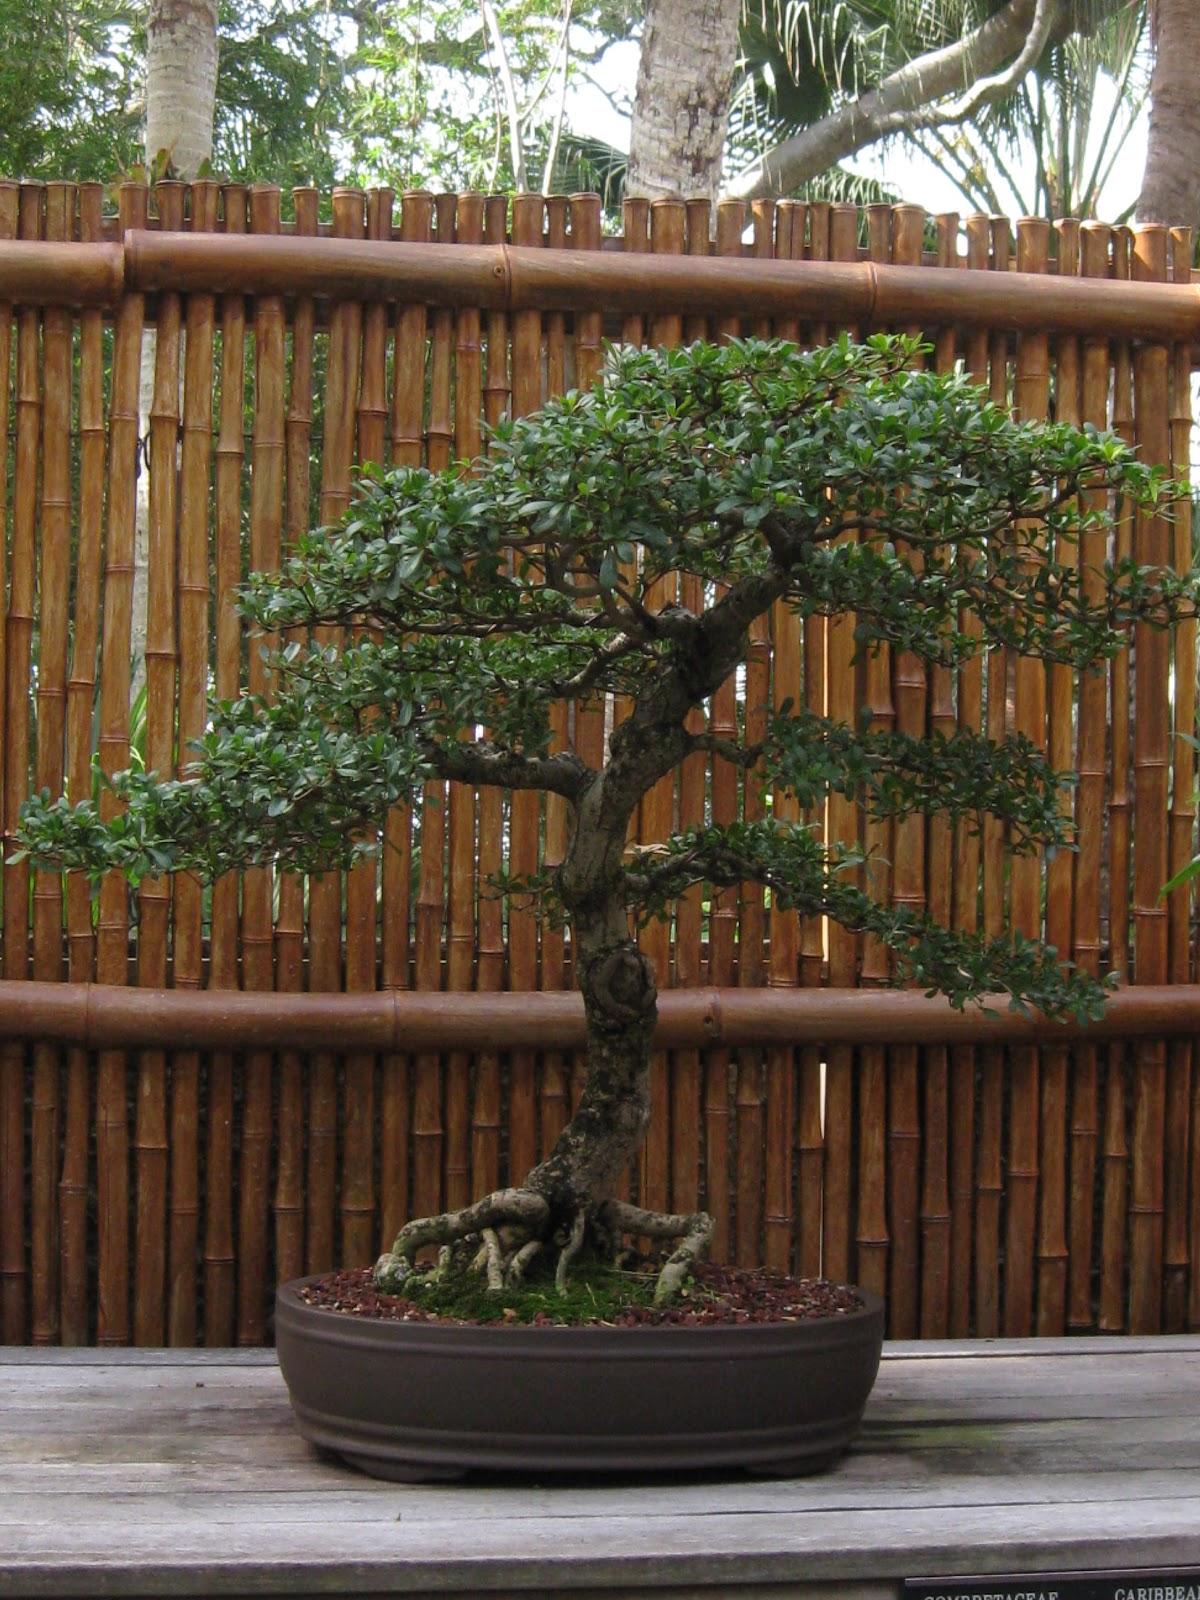 El jard n de isula bonsai en el jardin botanico selby for Bonsai de jardin